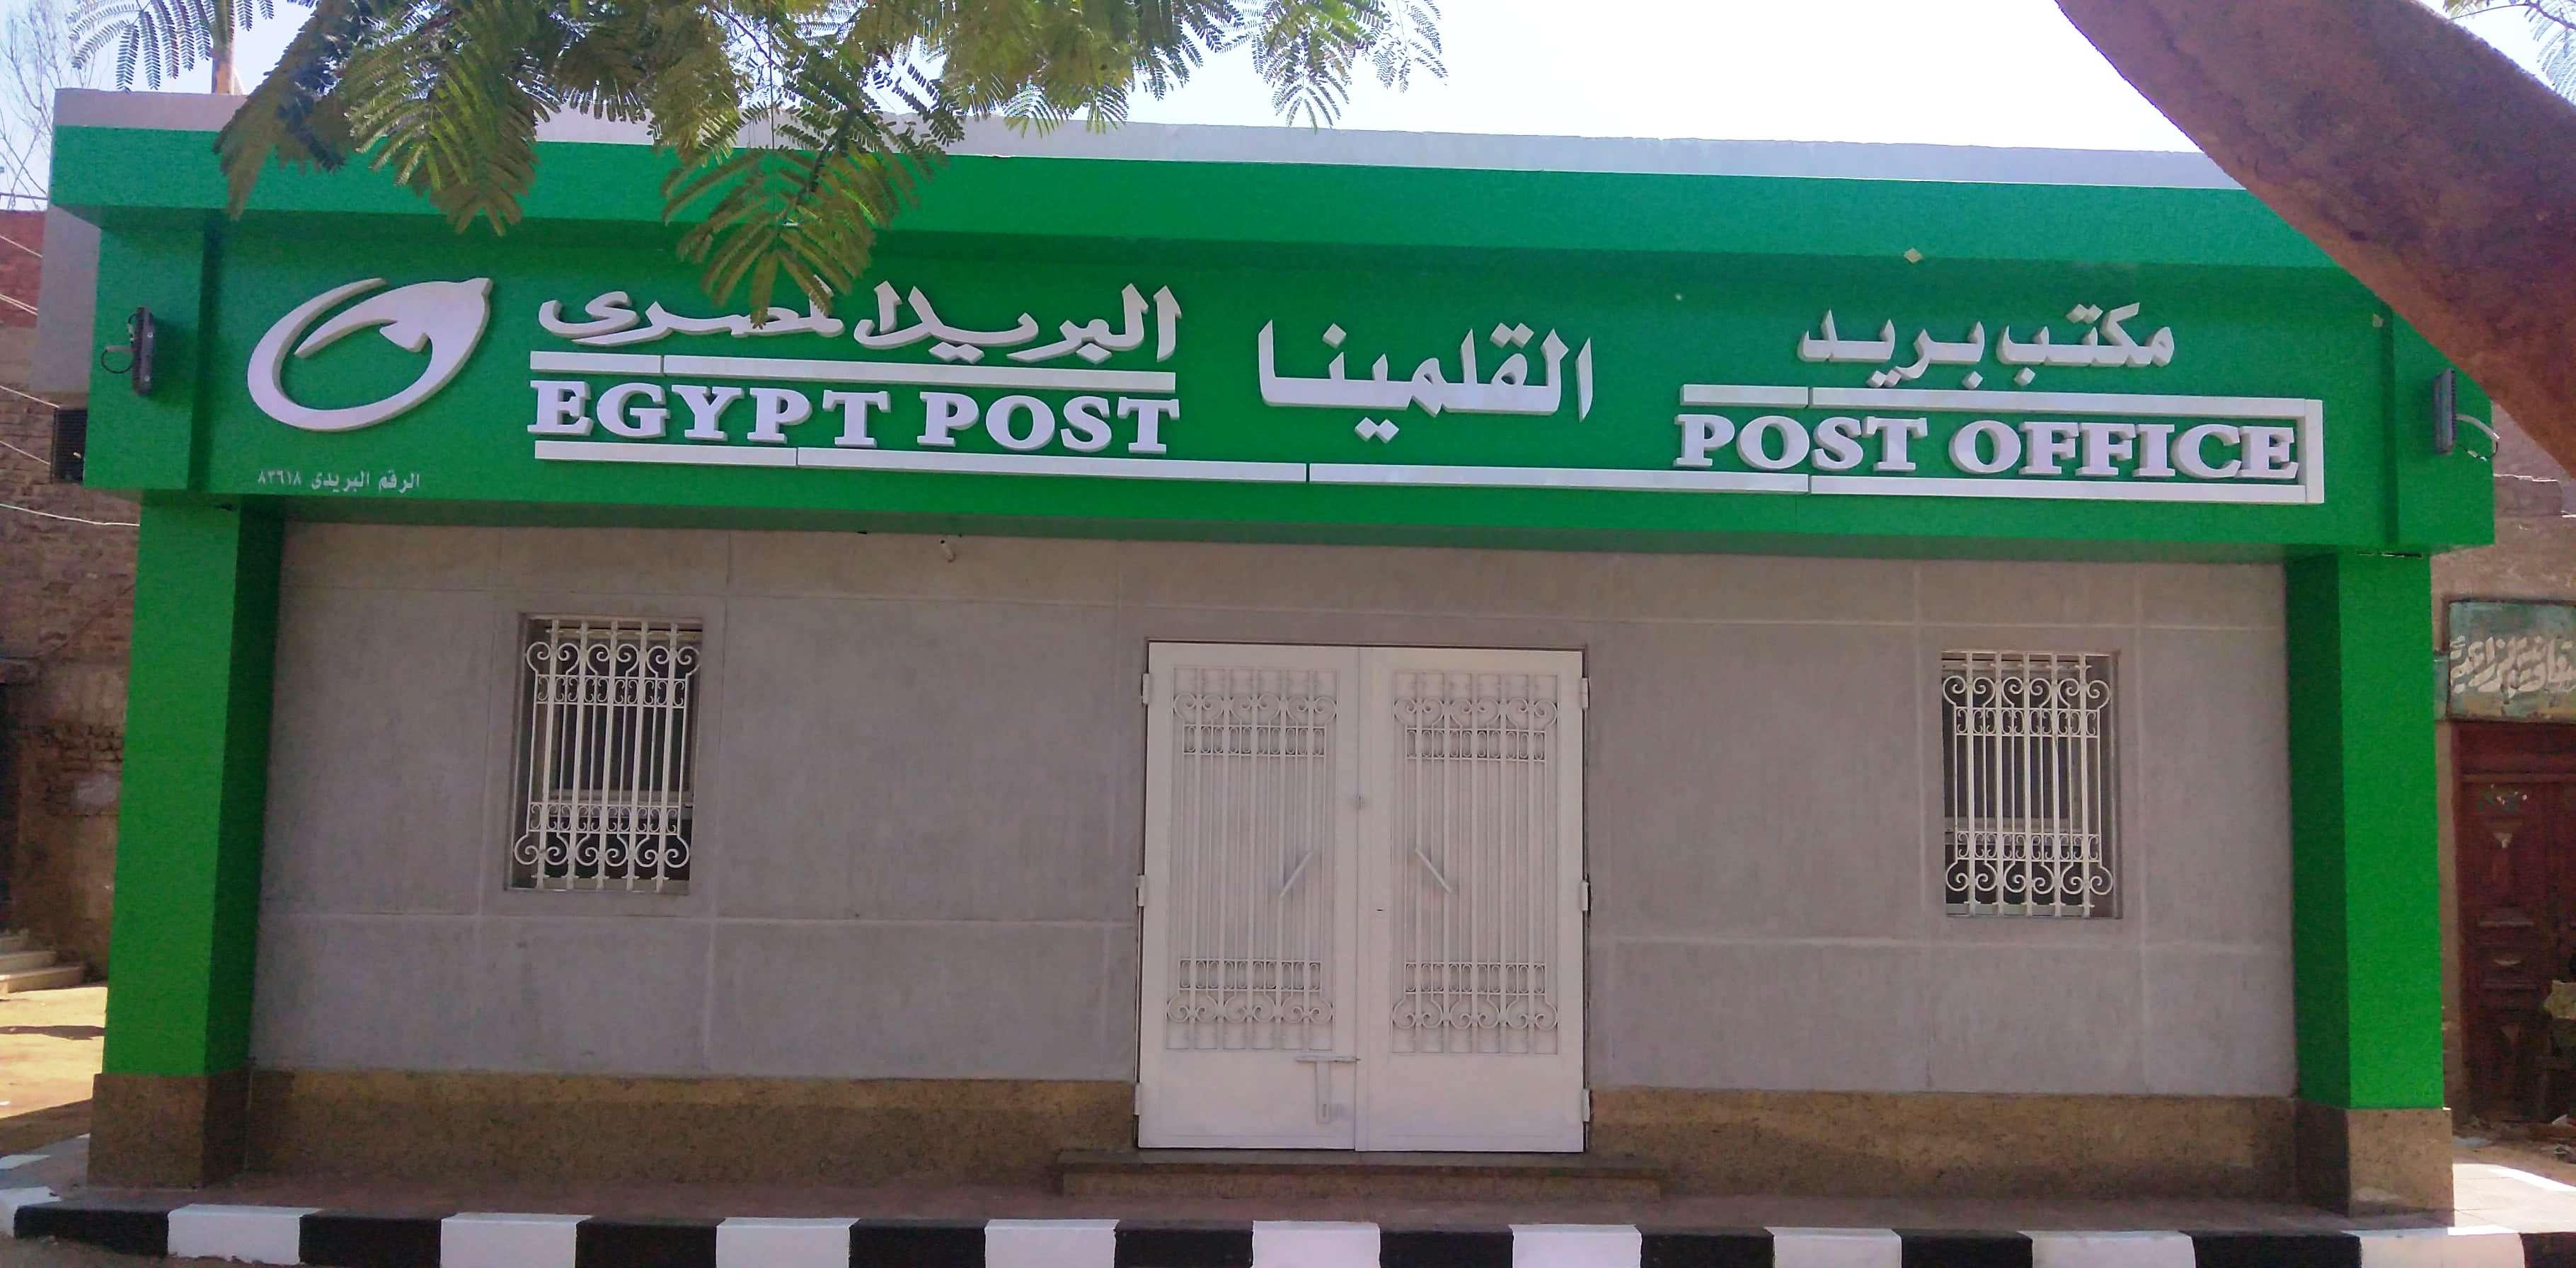 مكتب البريد بعد التطوير